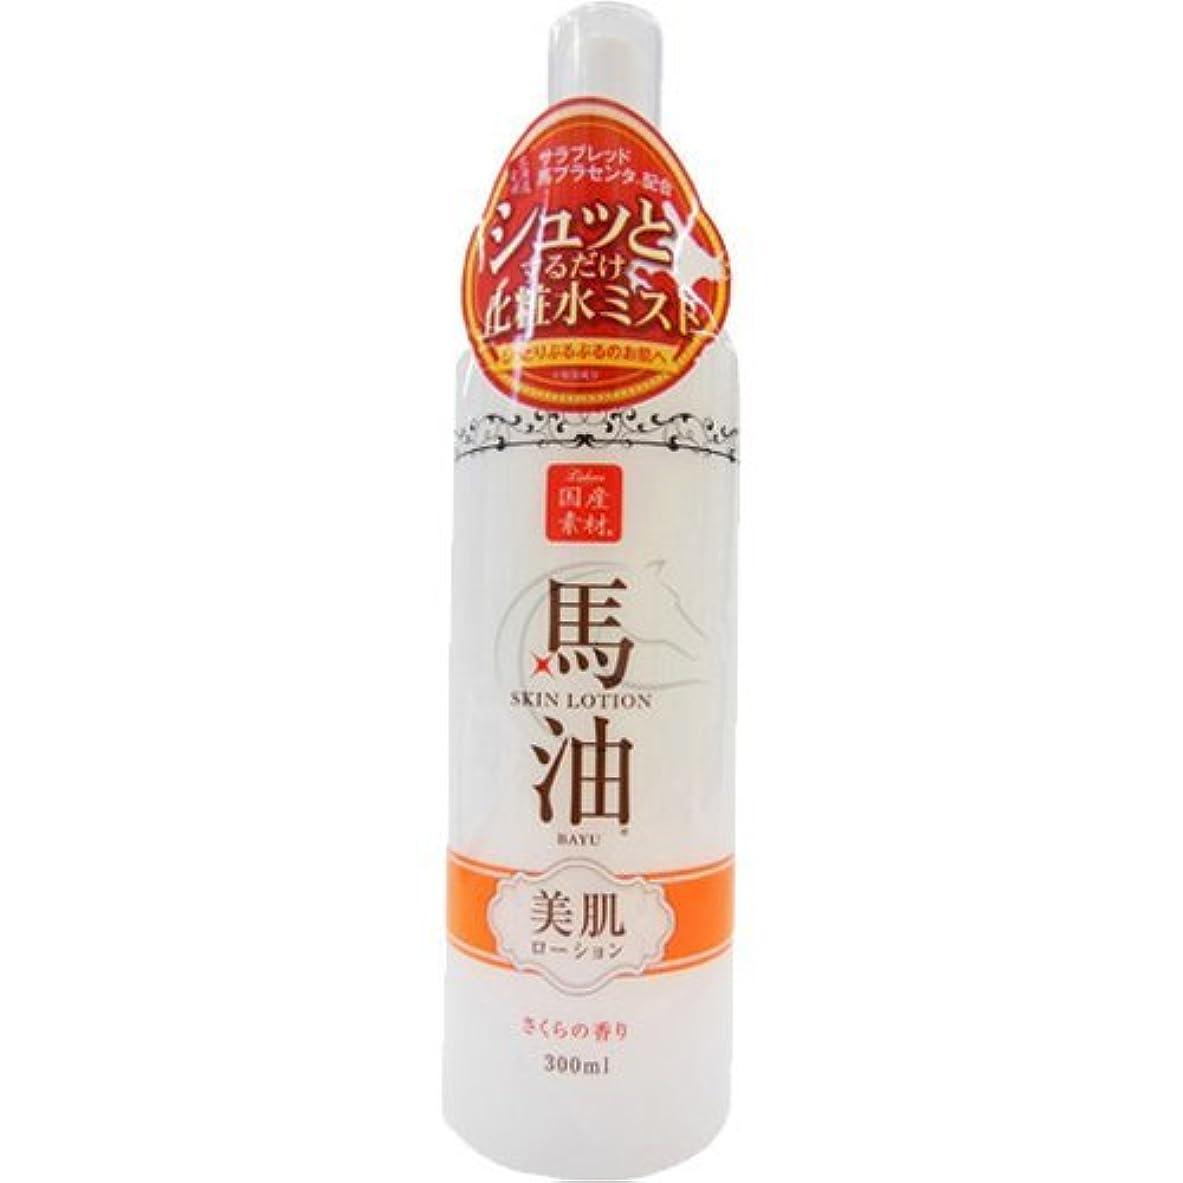 永遠に脚ディレイリシャン 馬油化粧水 さくらの香り 300mL